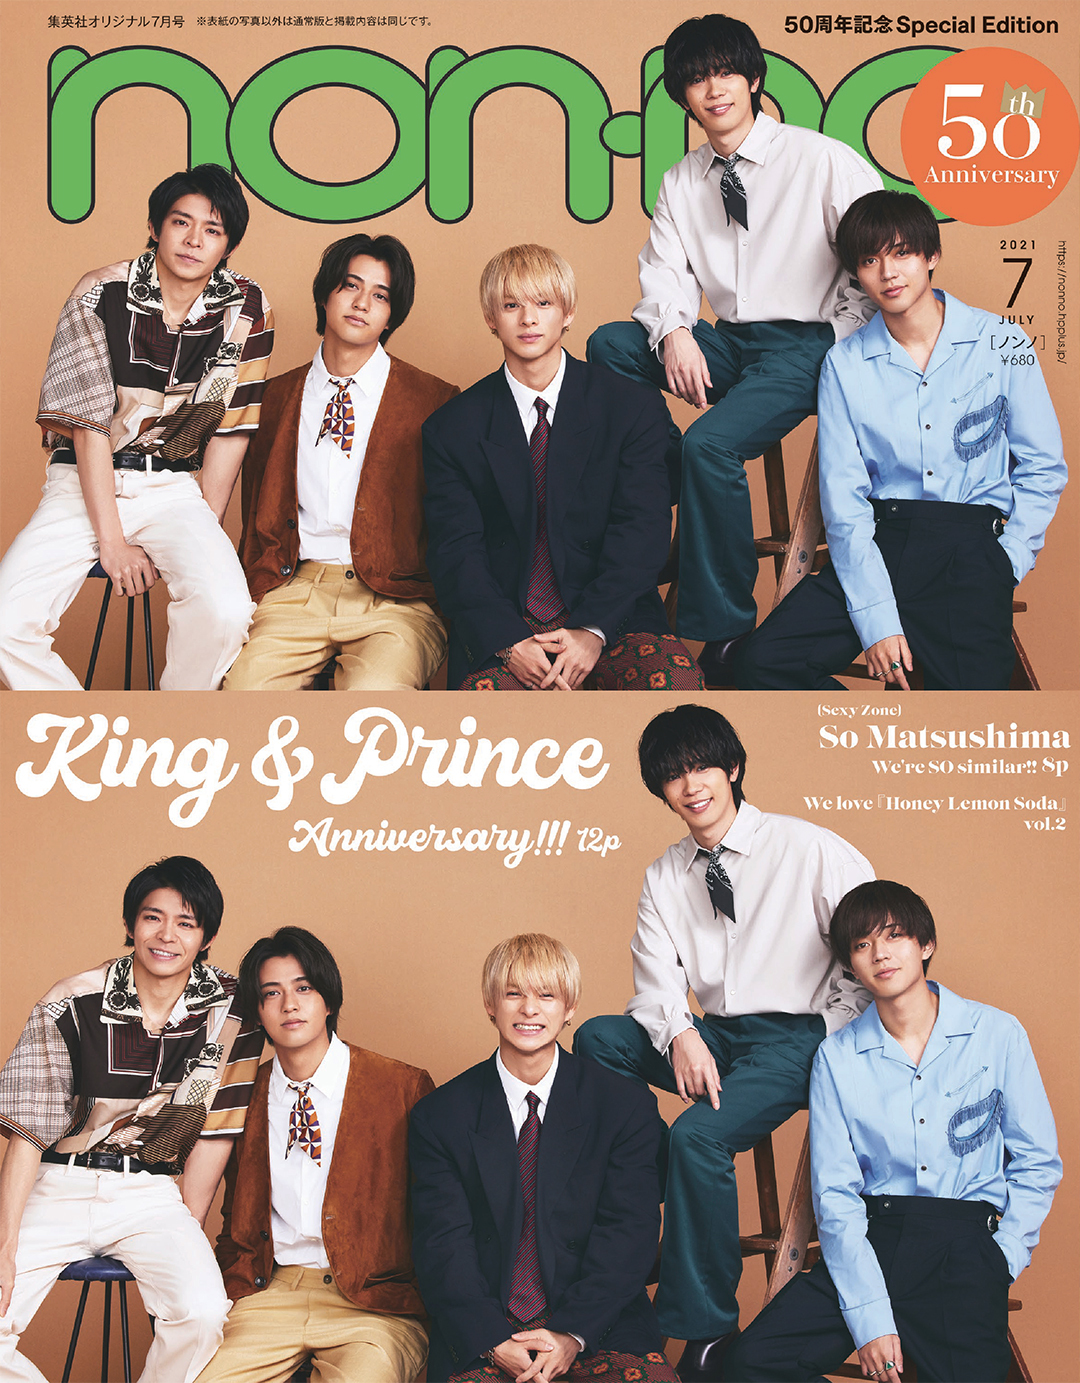 特別版表紙(King & Prince)